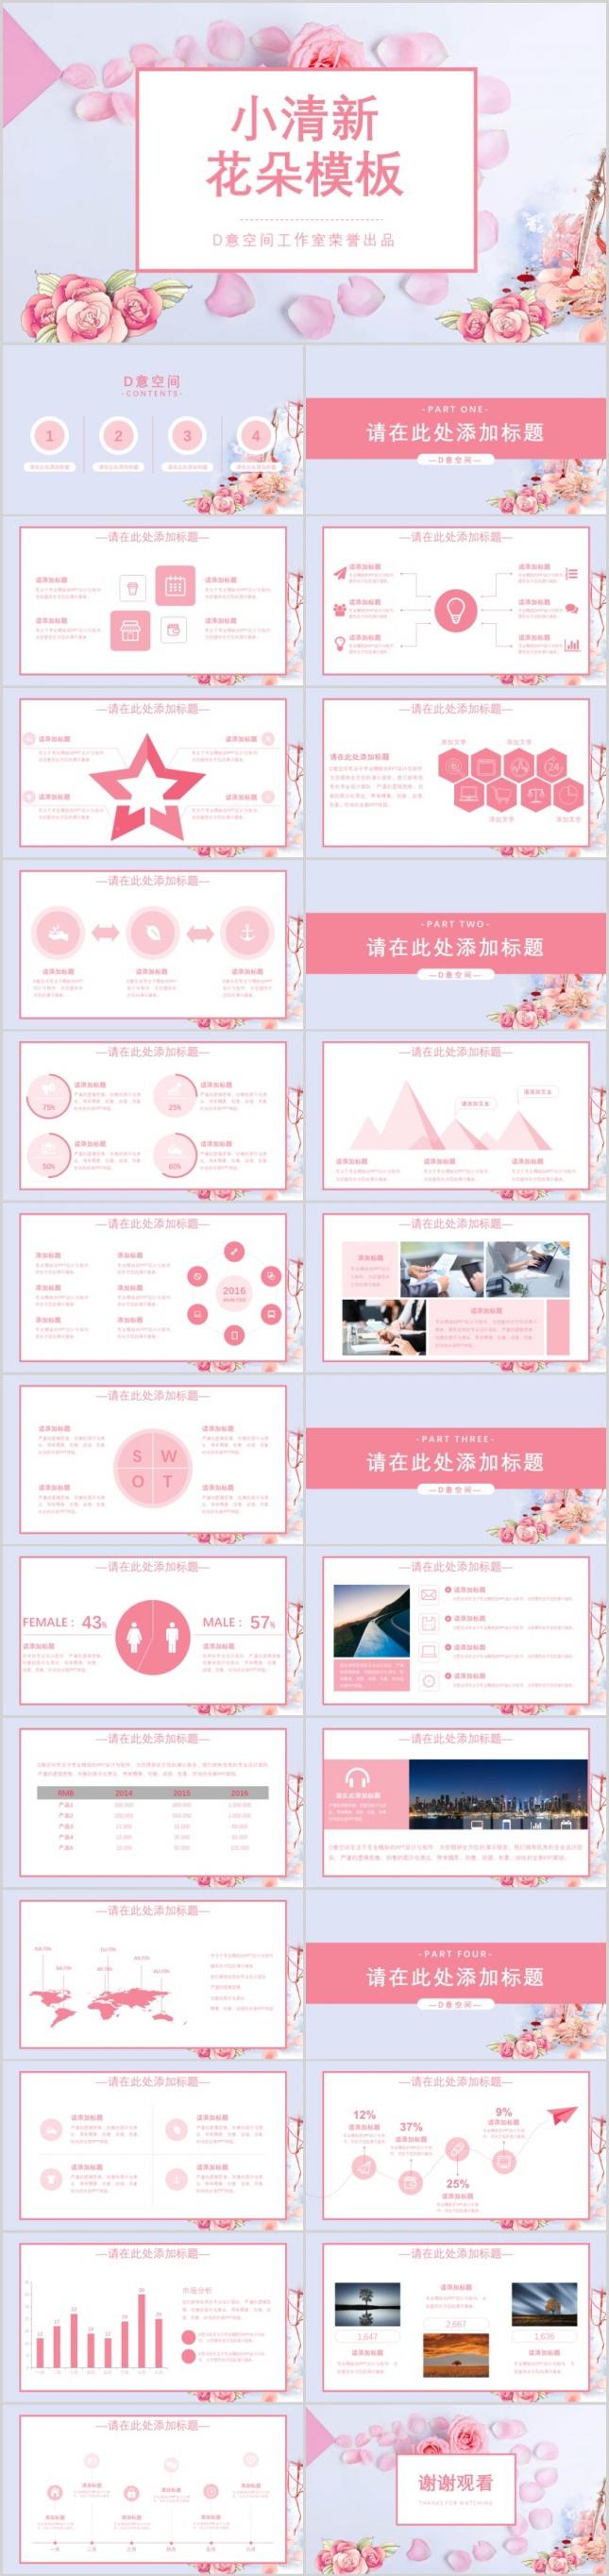 粉色淡雅小清新花朵PPT模板